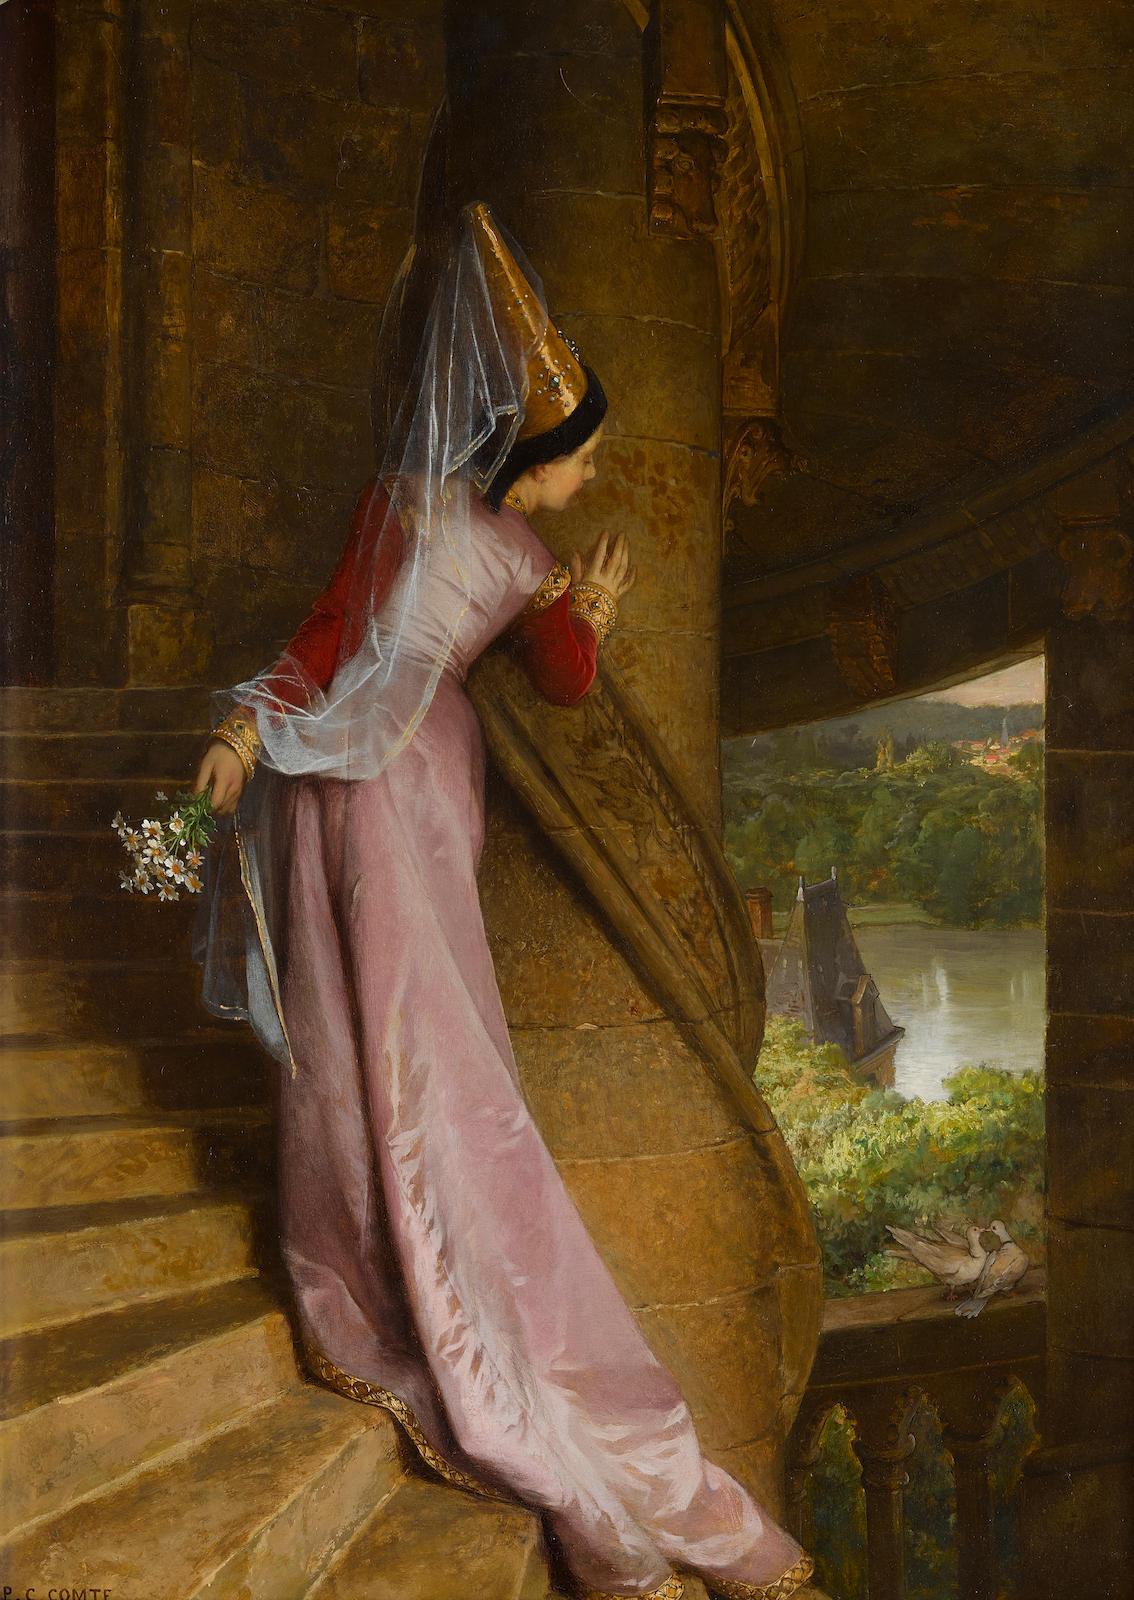 Pierre-Charles Comte - The secret rendezvous